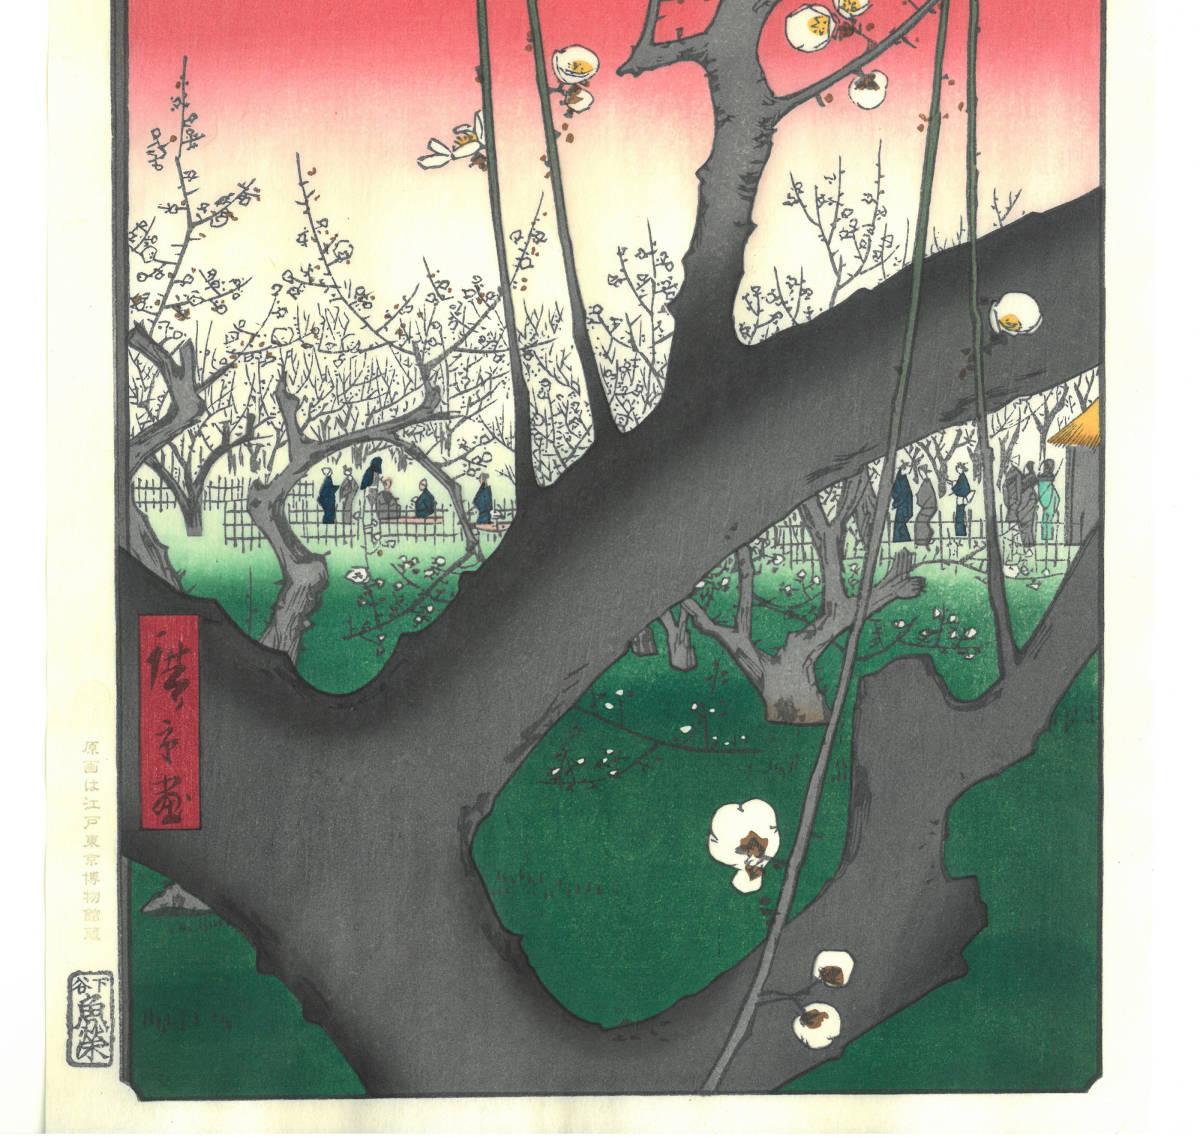 歌川広重 (Utagawa Hiroshige) 木版画 江戸百景 #30. 亀戸梅屋舗 初版1856-58年頃 広重の木版画の真の素晴らしさをご堪能下さい!_画像4